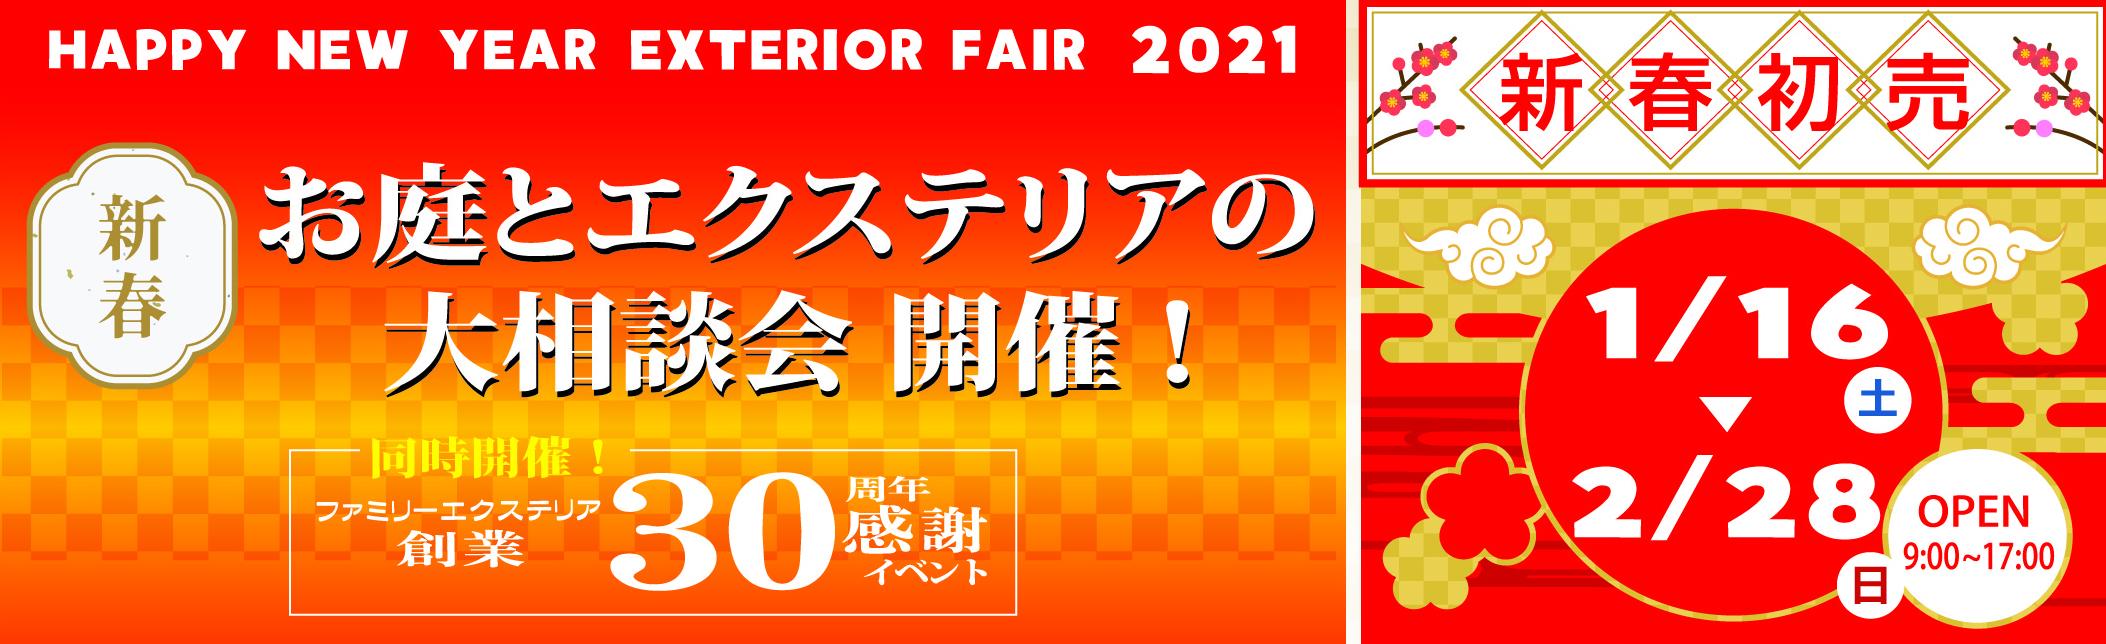 2021 新春 イベント